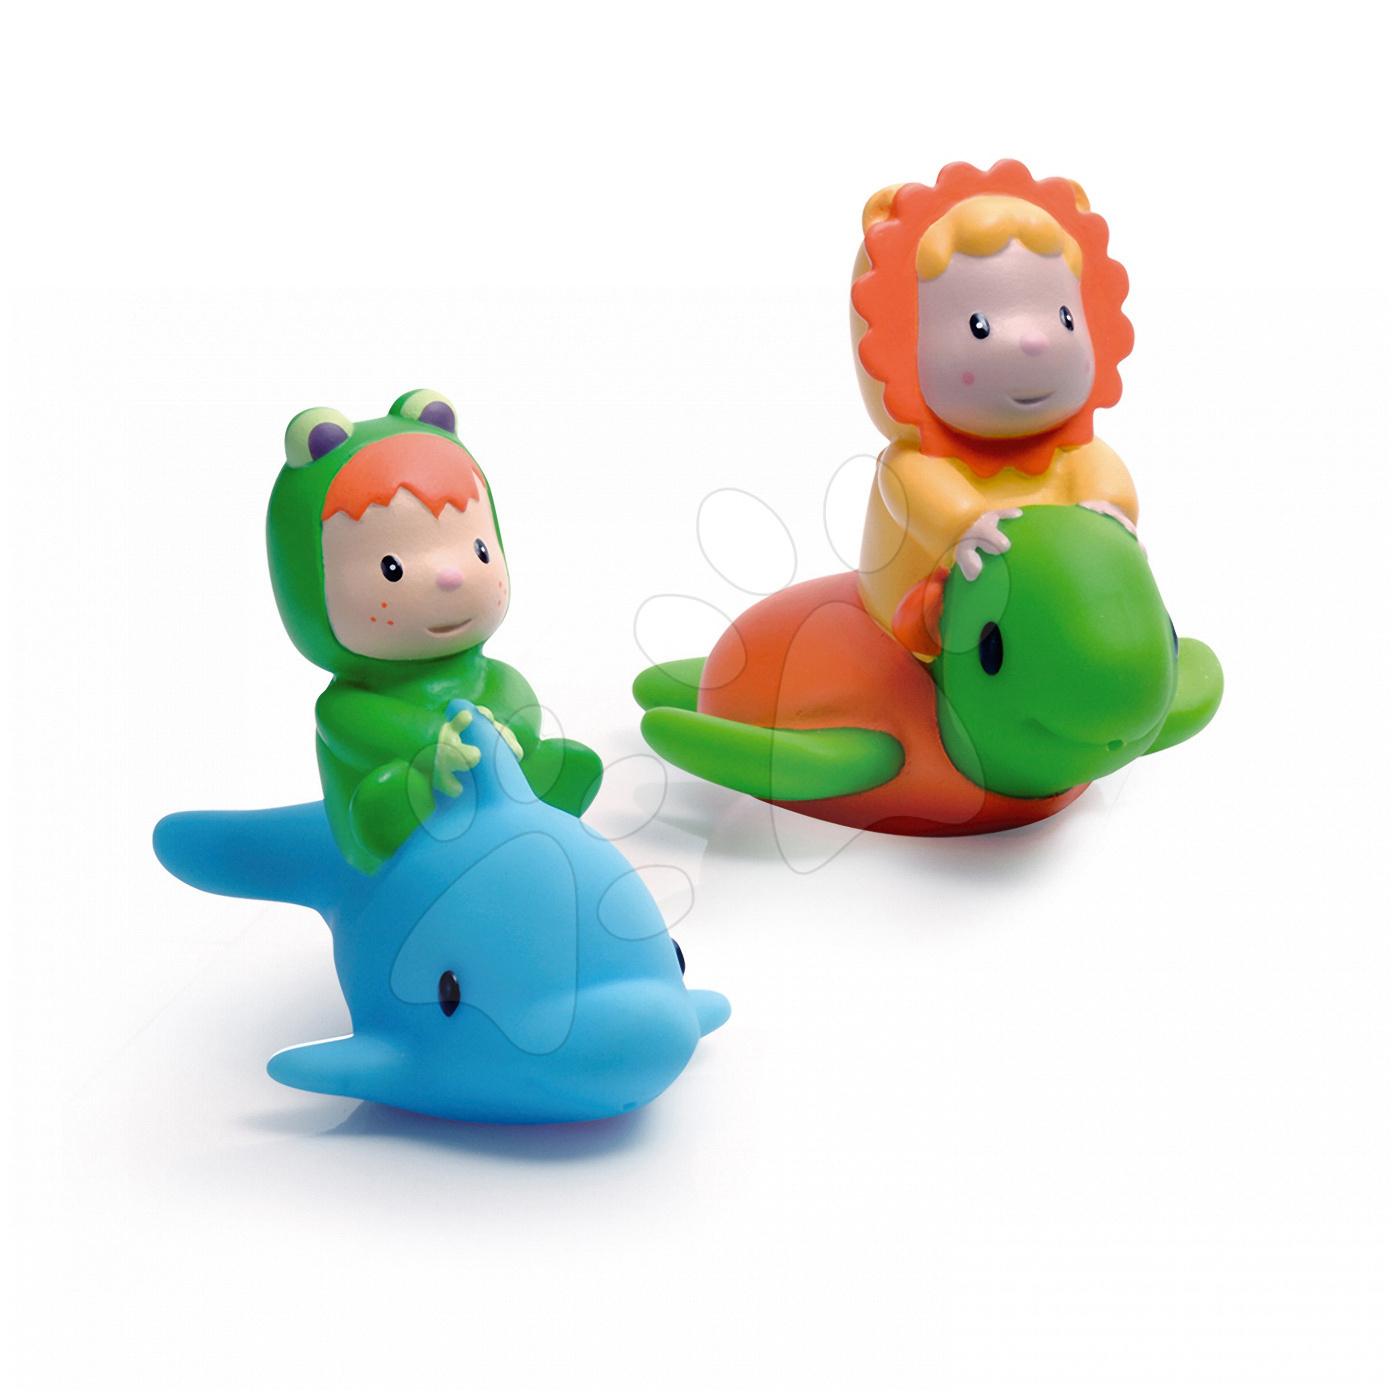 Hračky do vany - Stříkající rybička nebo želva Cotoons Smoby #VALUE! od 12 měsíců